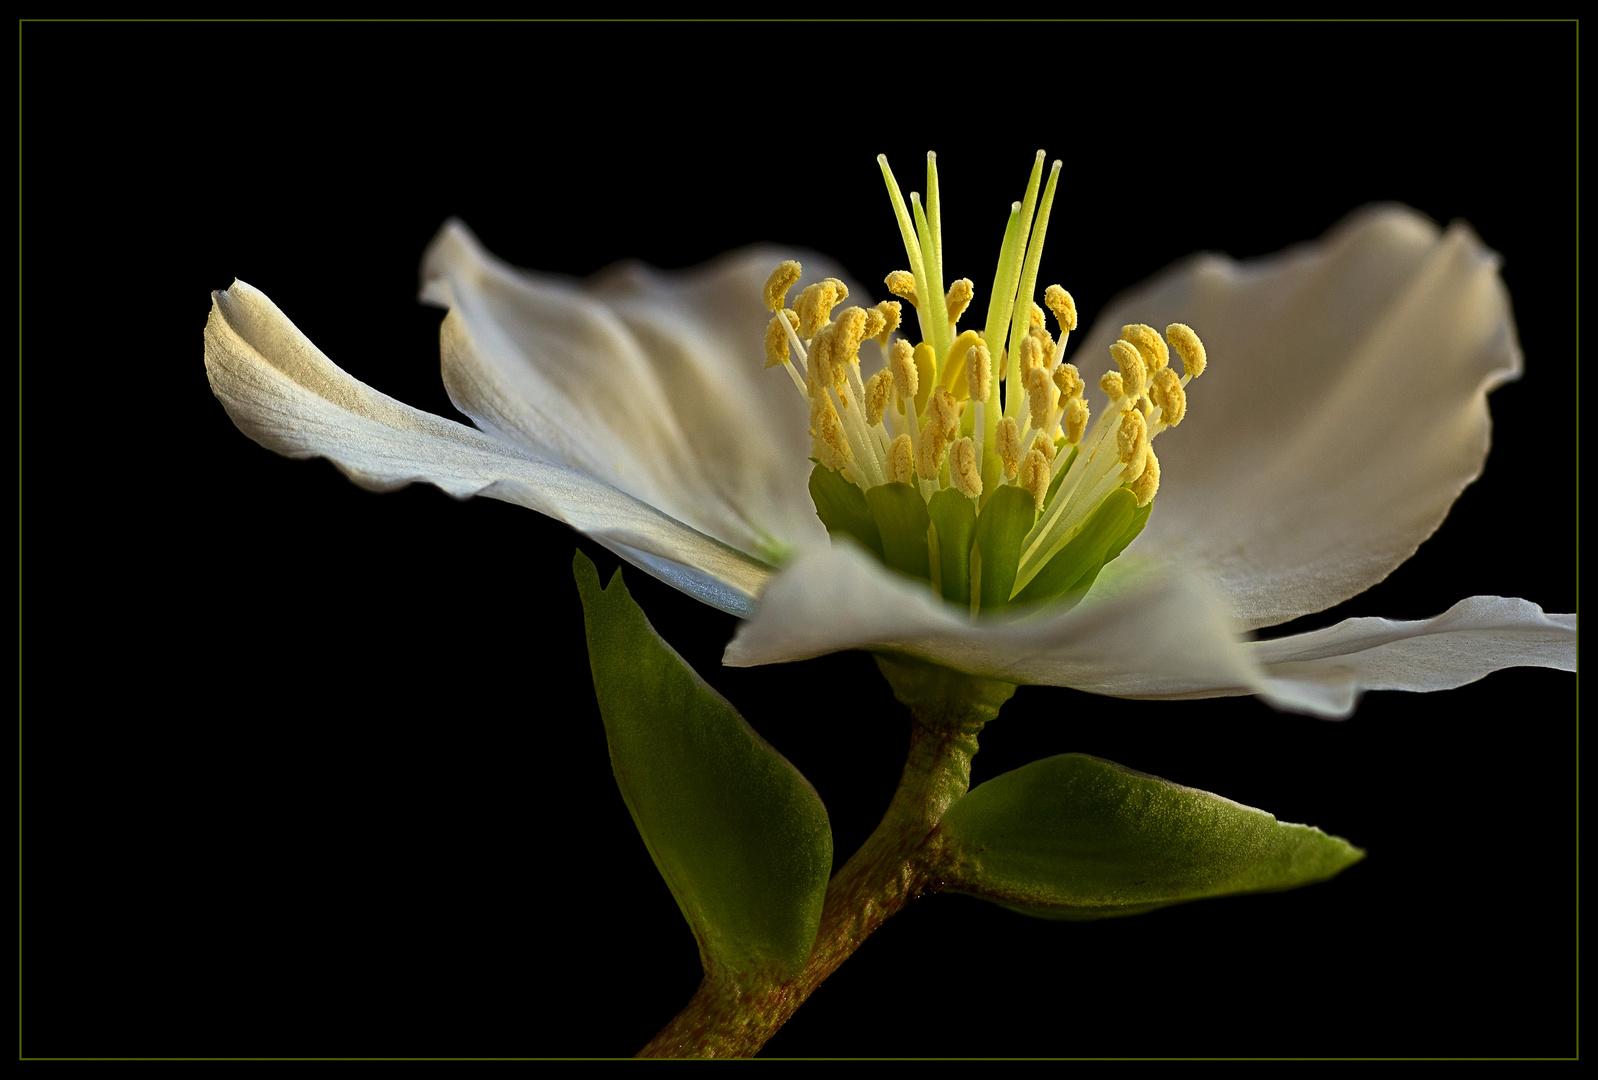 Die beliebte Christrose ist in jedem winterlichen Garten ein Höhepunkt